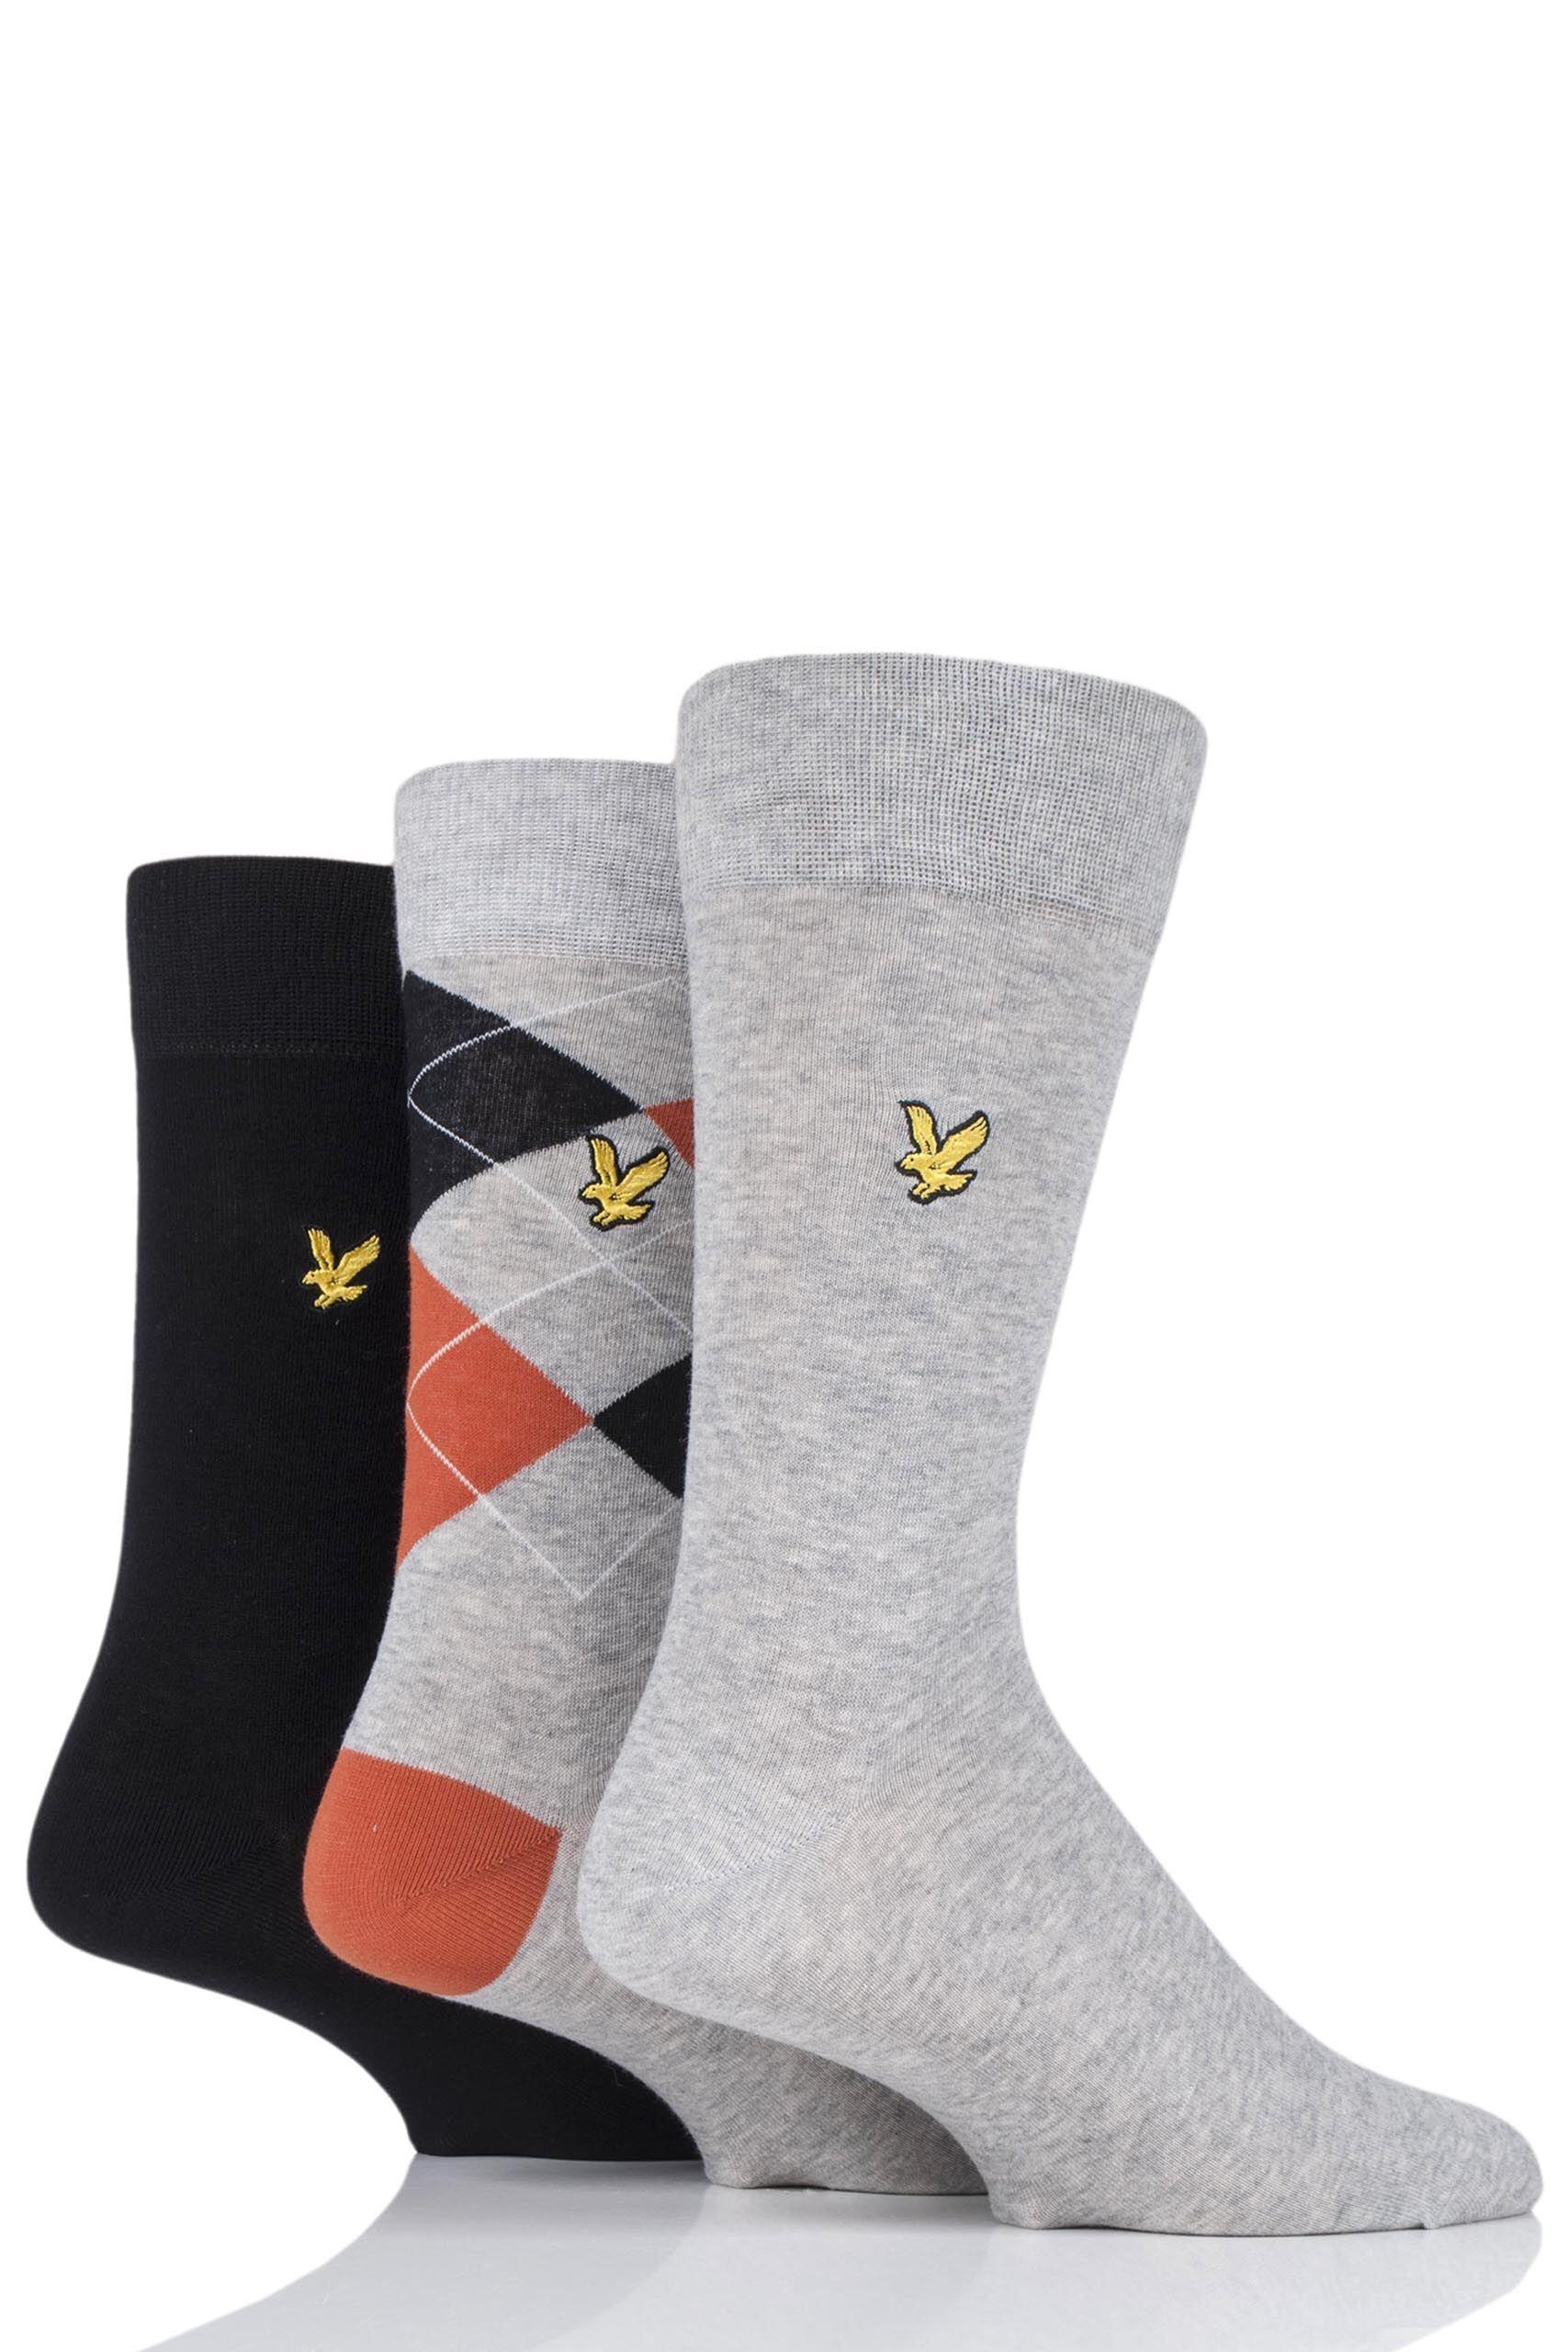 Image of 3 Pair Black Hewie Argyle Cotton Socks Men's 7-11 Mens - Lyle & Scott